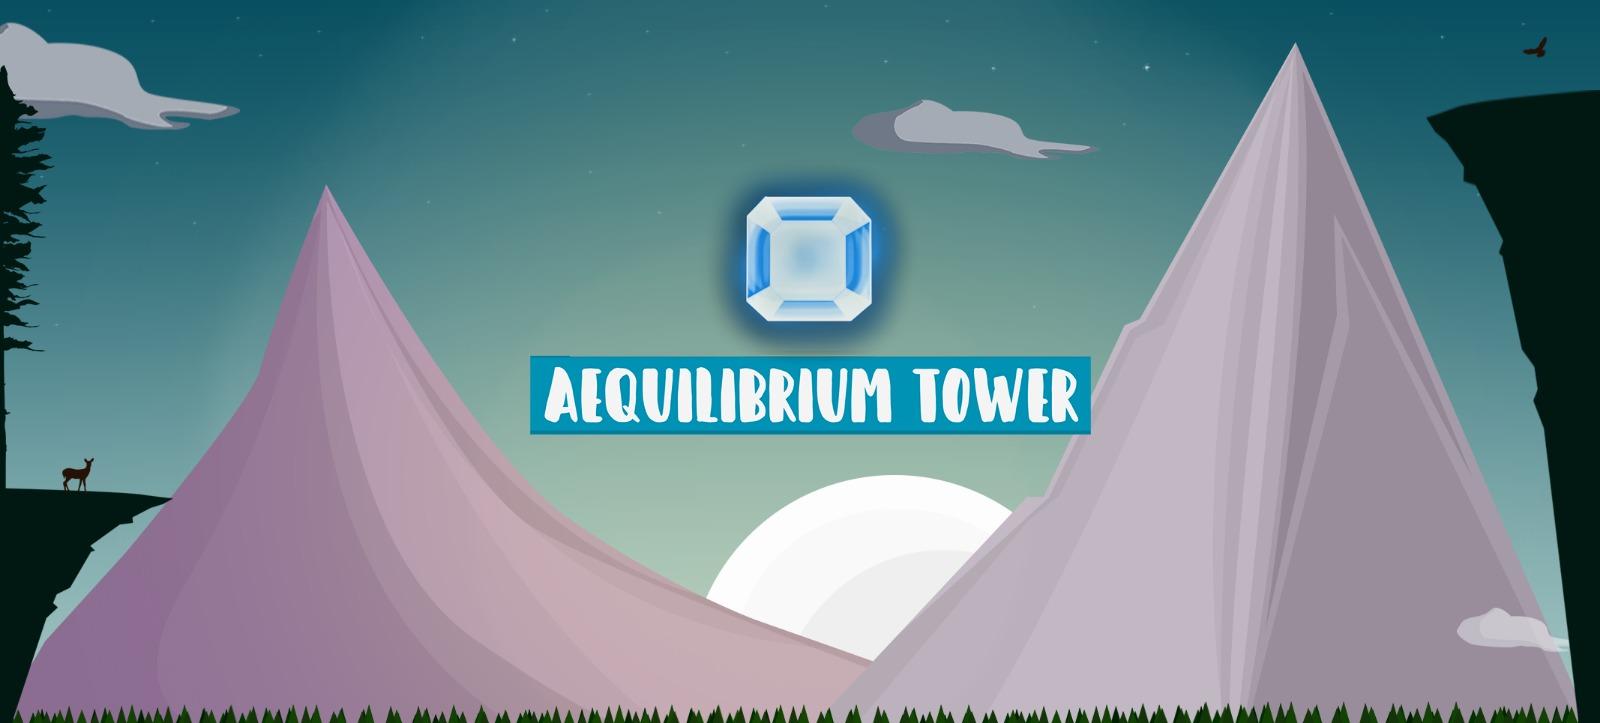 Aequilibrium-Tower